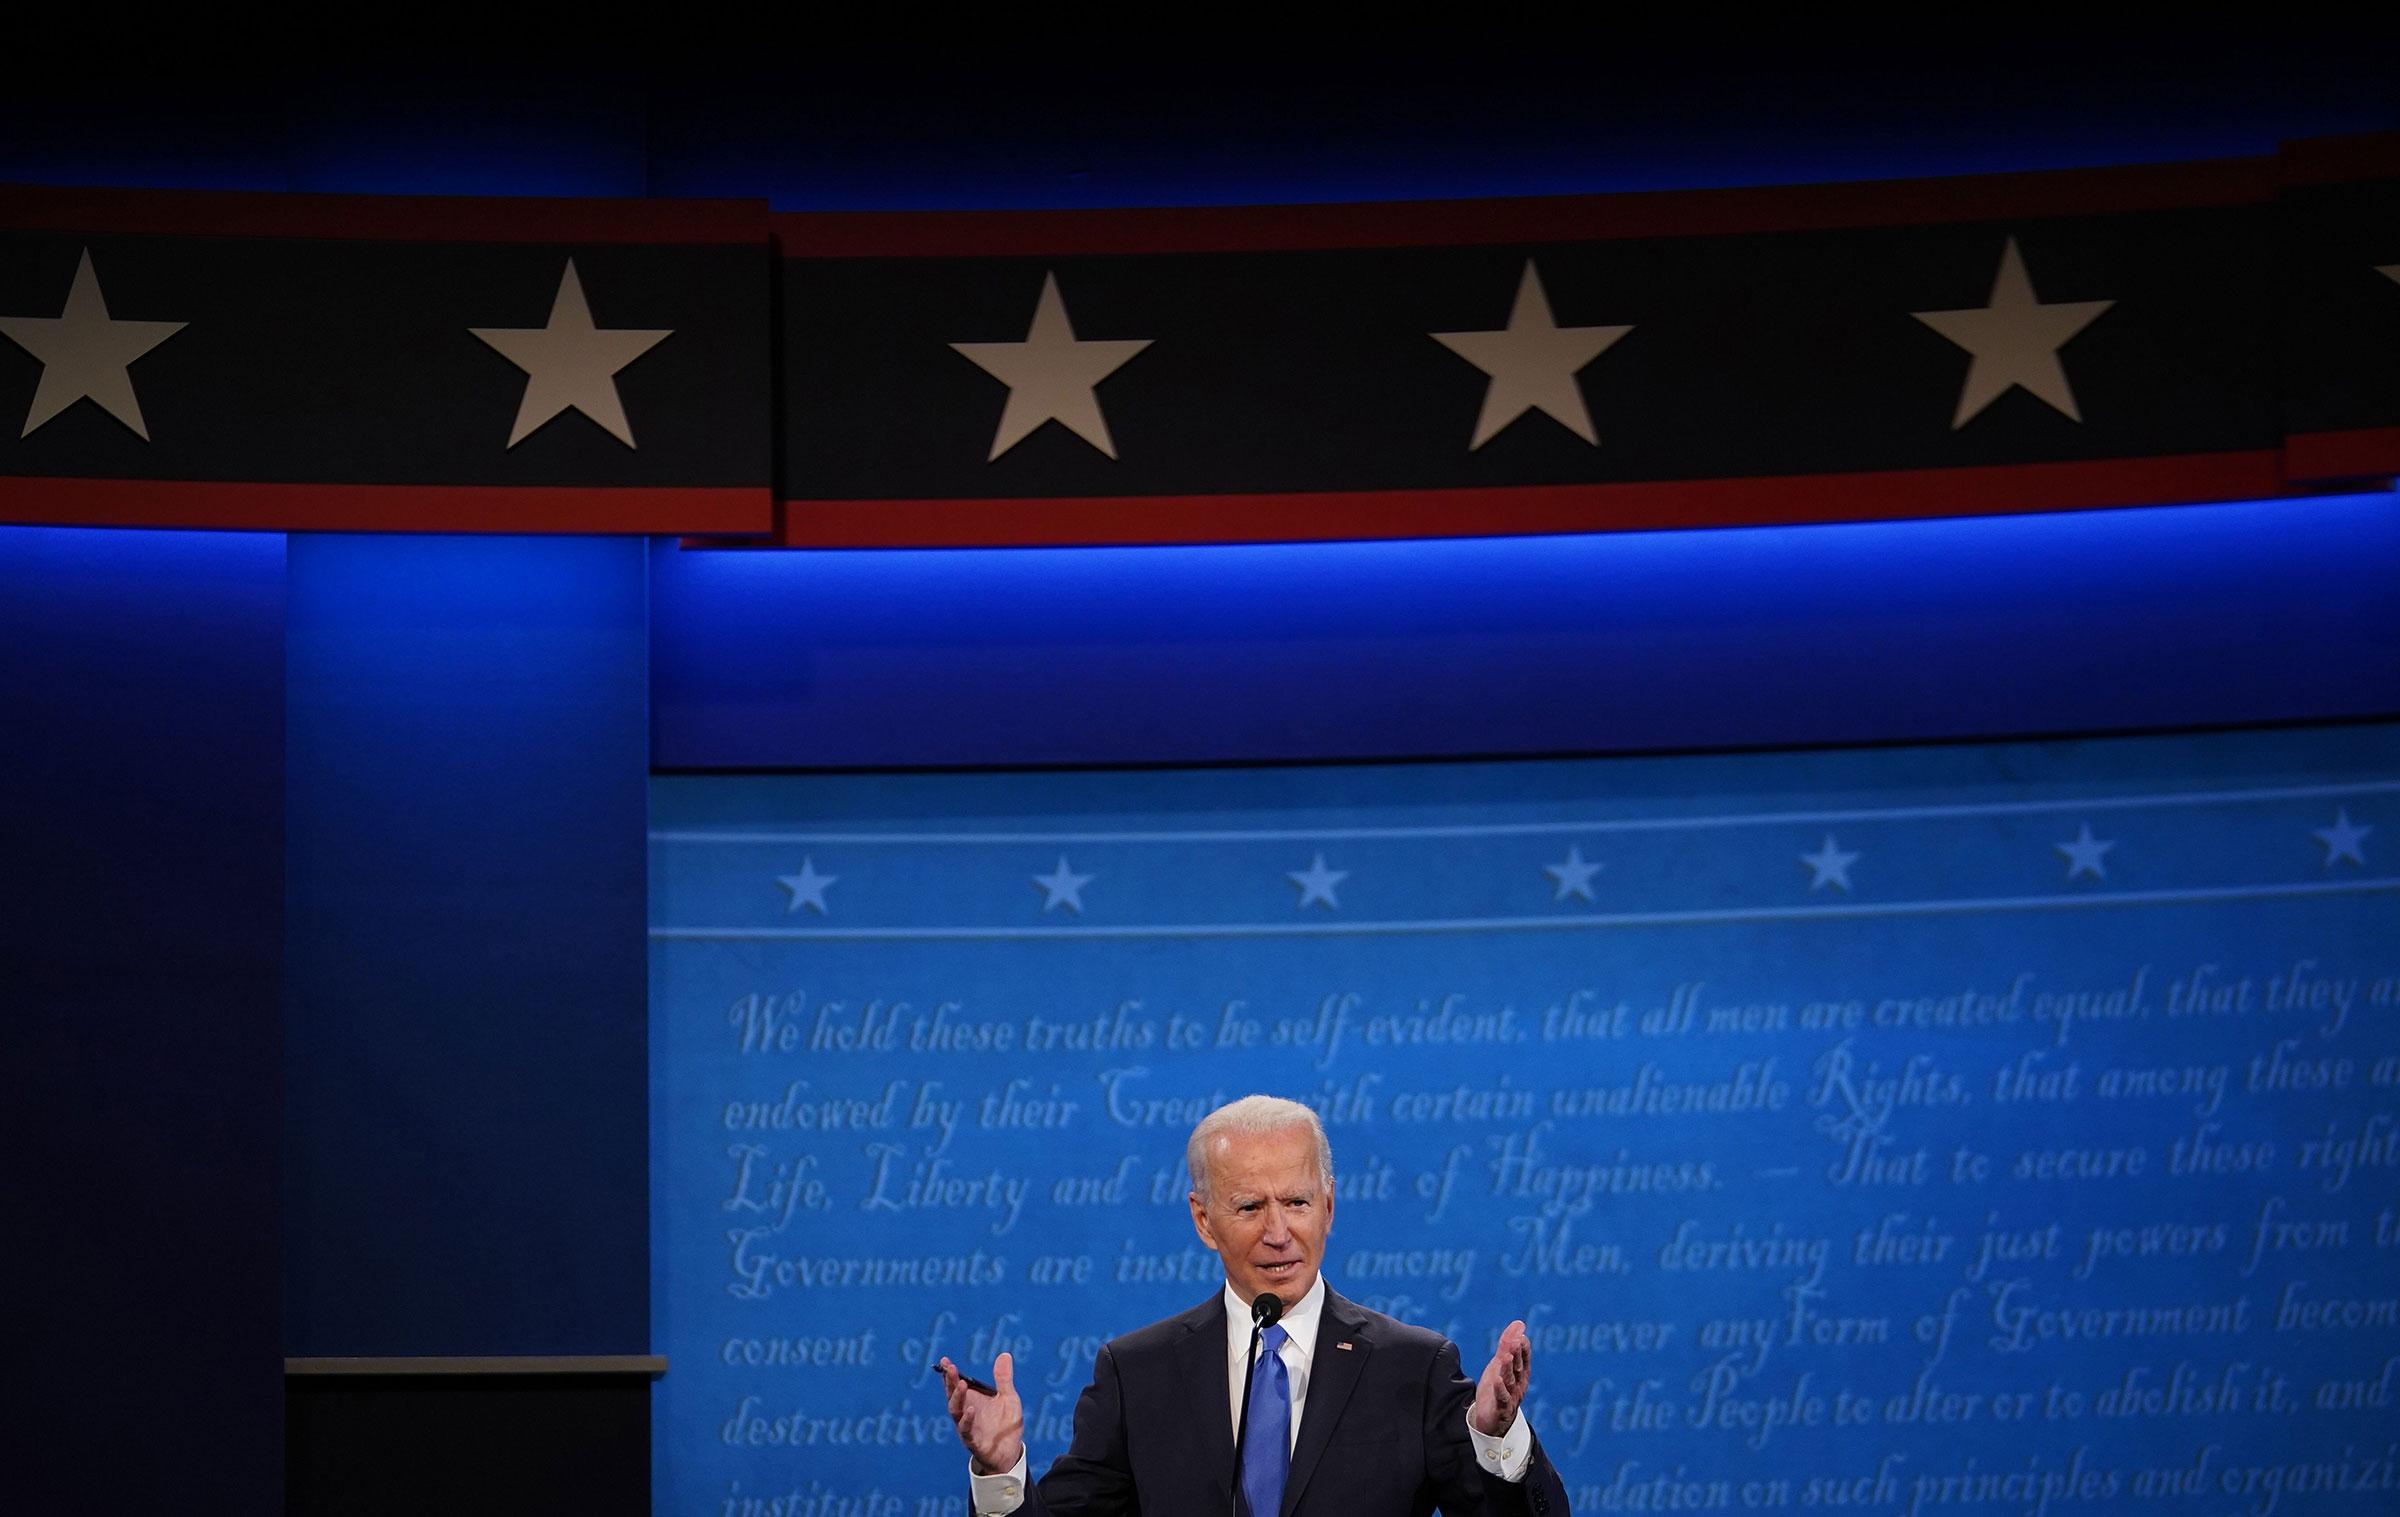 Former Vice President Joe Biden speaks during the final presidential debate at Belmont University in Nashville, Tenn., on Oct. 22, 2020.